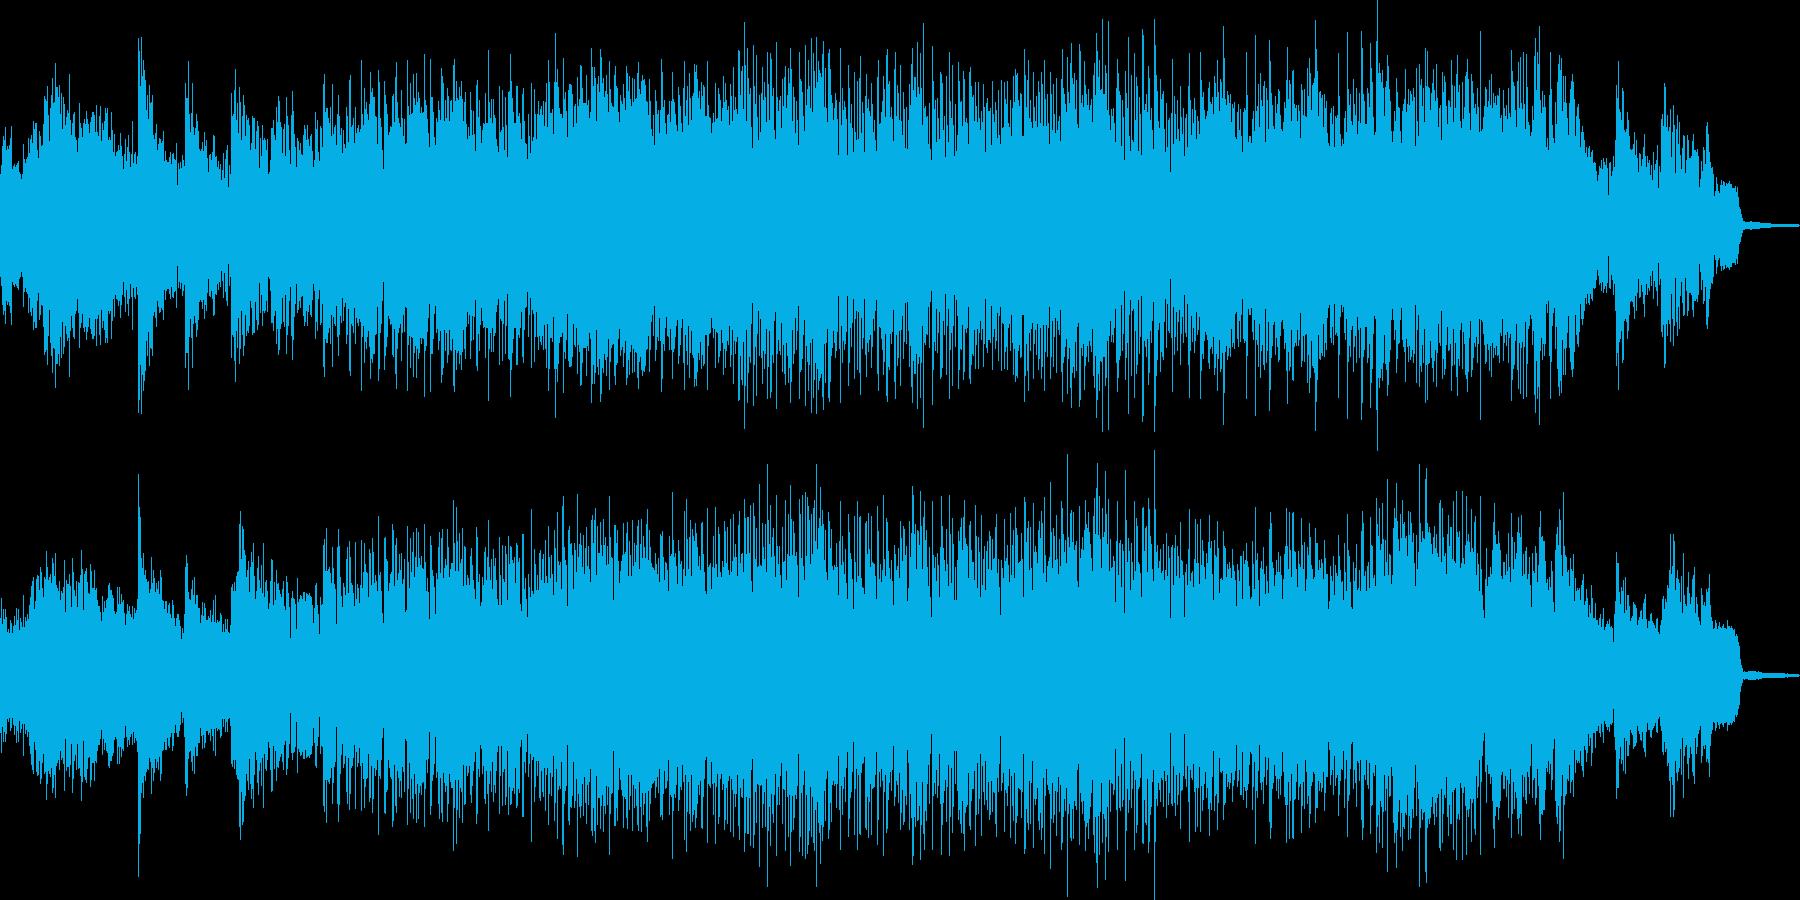 一気に引き込むファンタジック・メタルの再生済みの波形